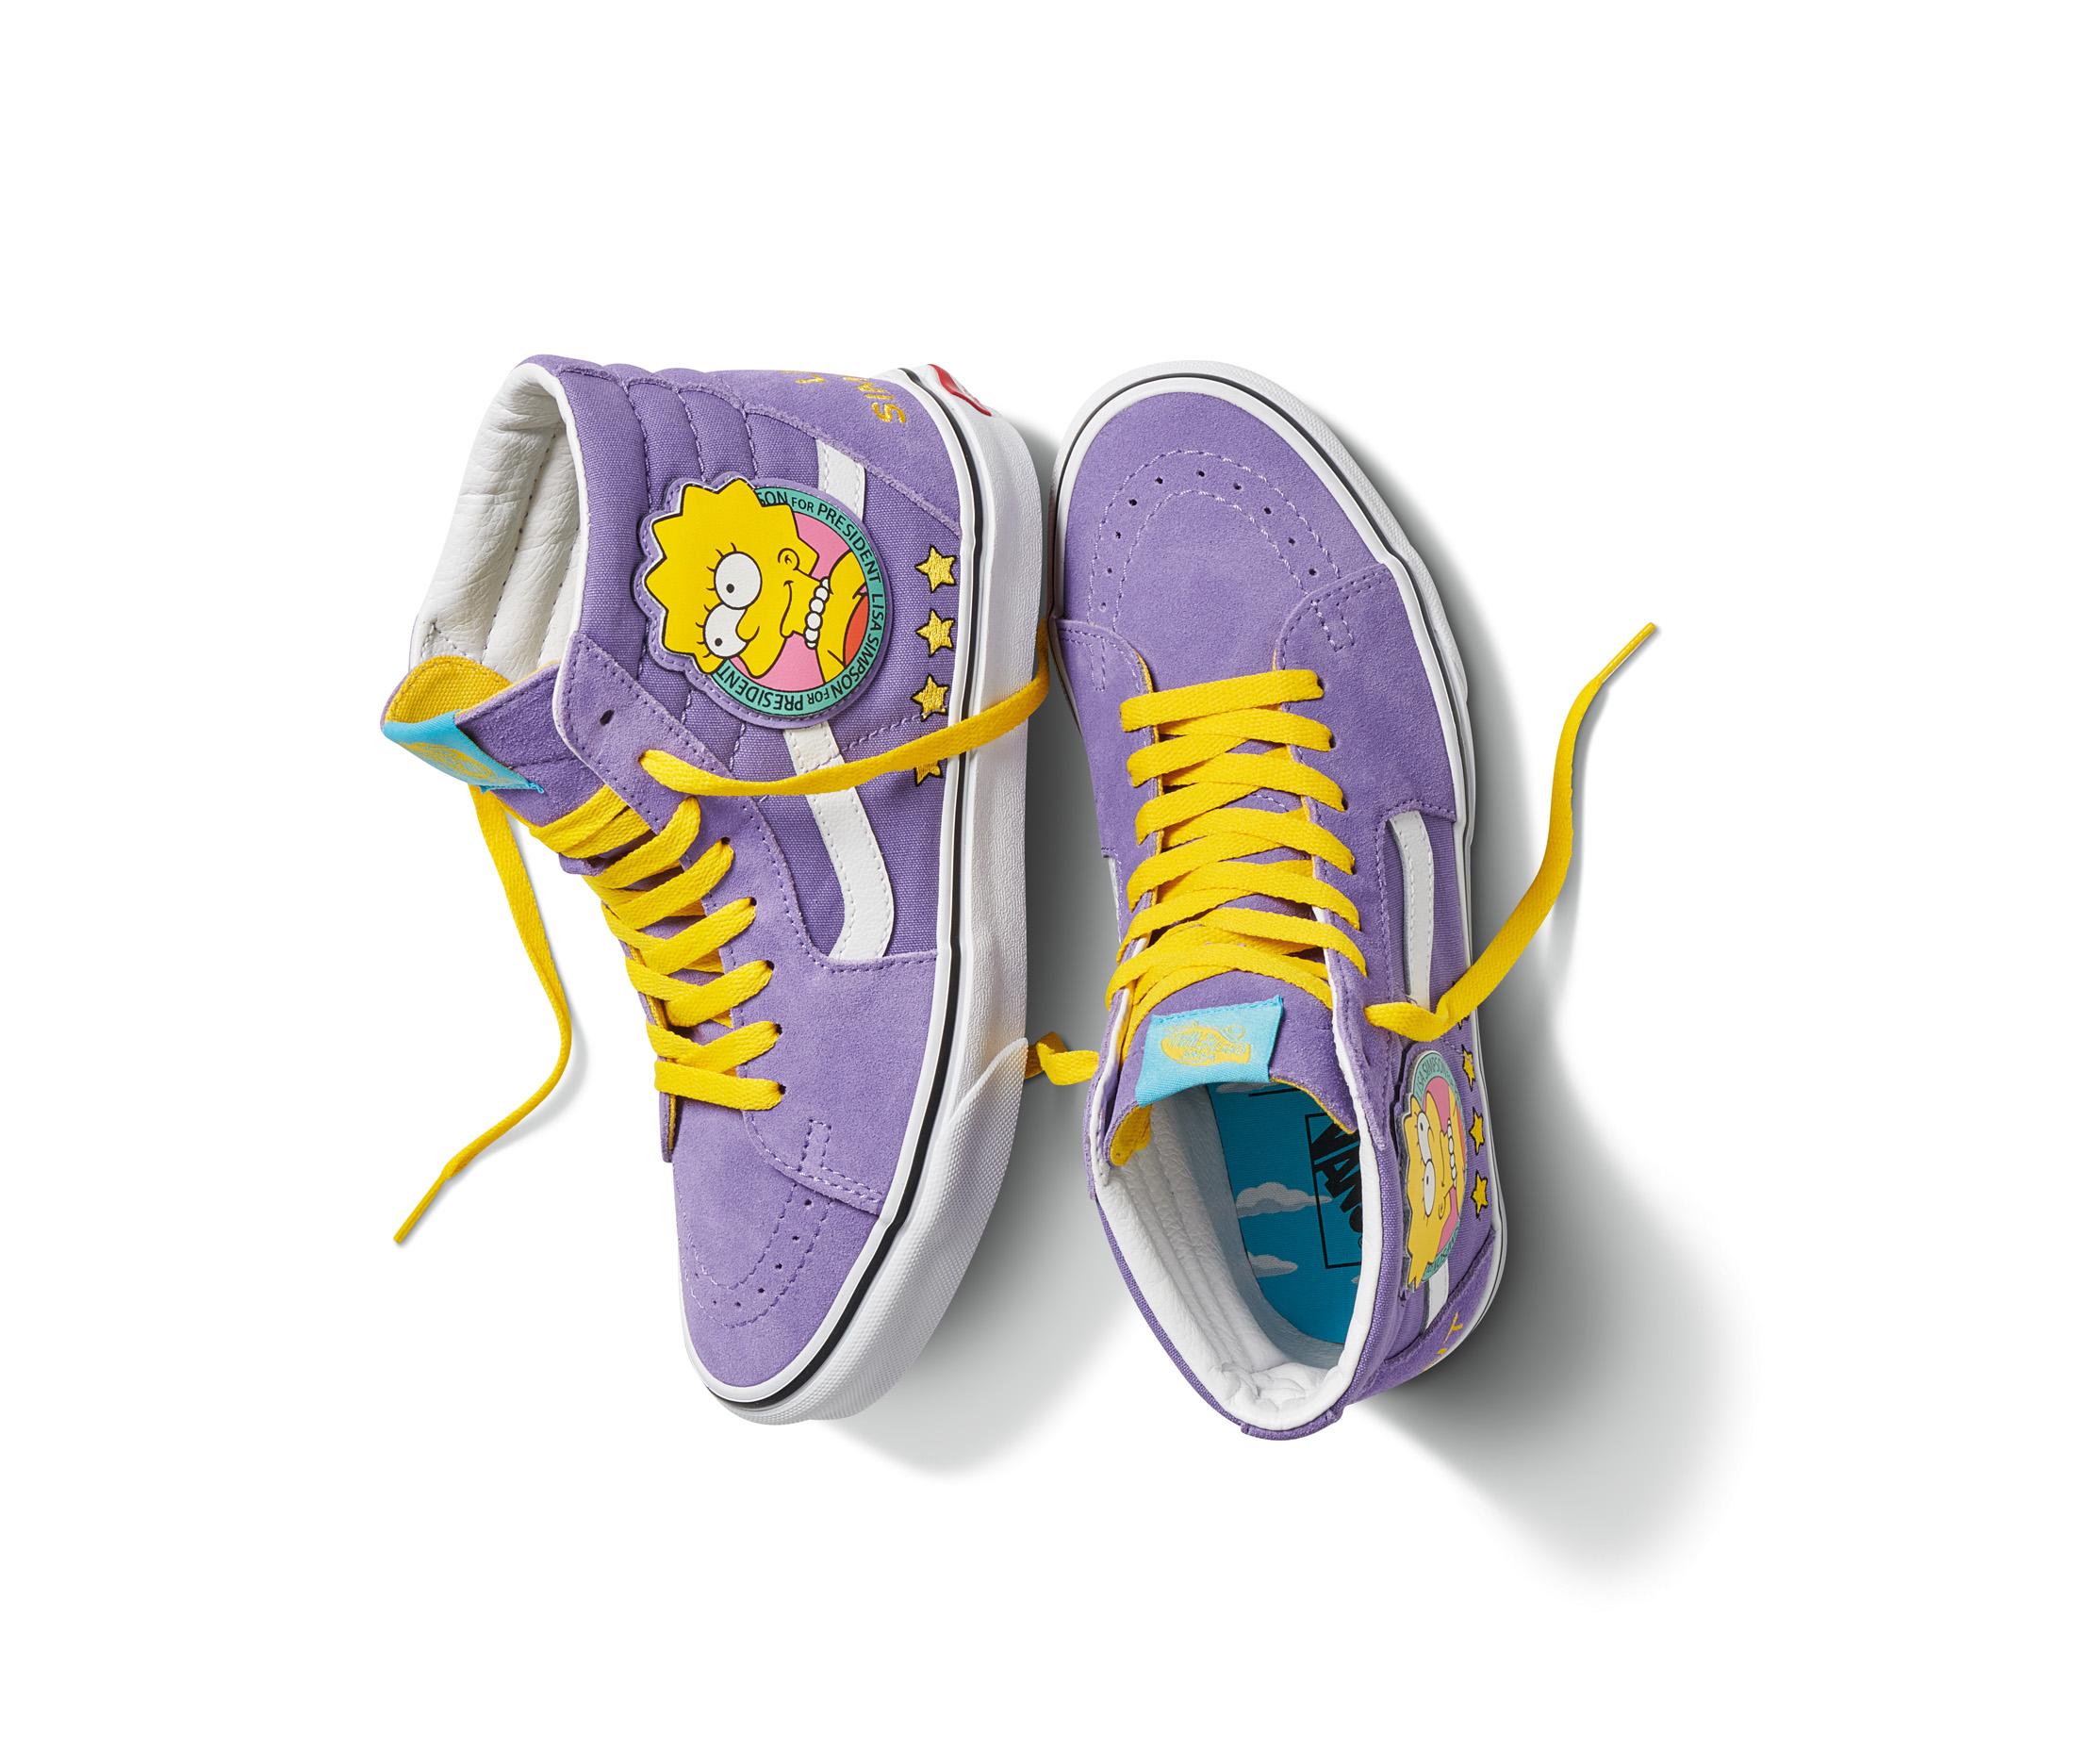 Anda la osa: ¡Checa la increíble colección de Vans inspirada en 'Los Simpson'!